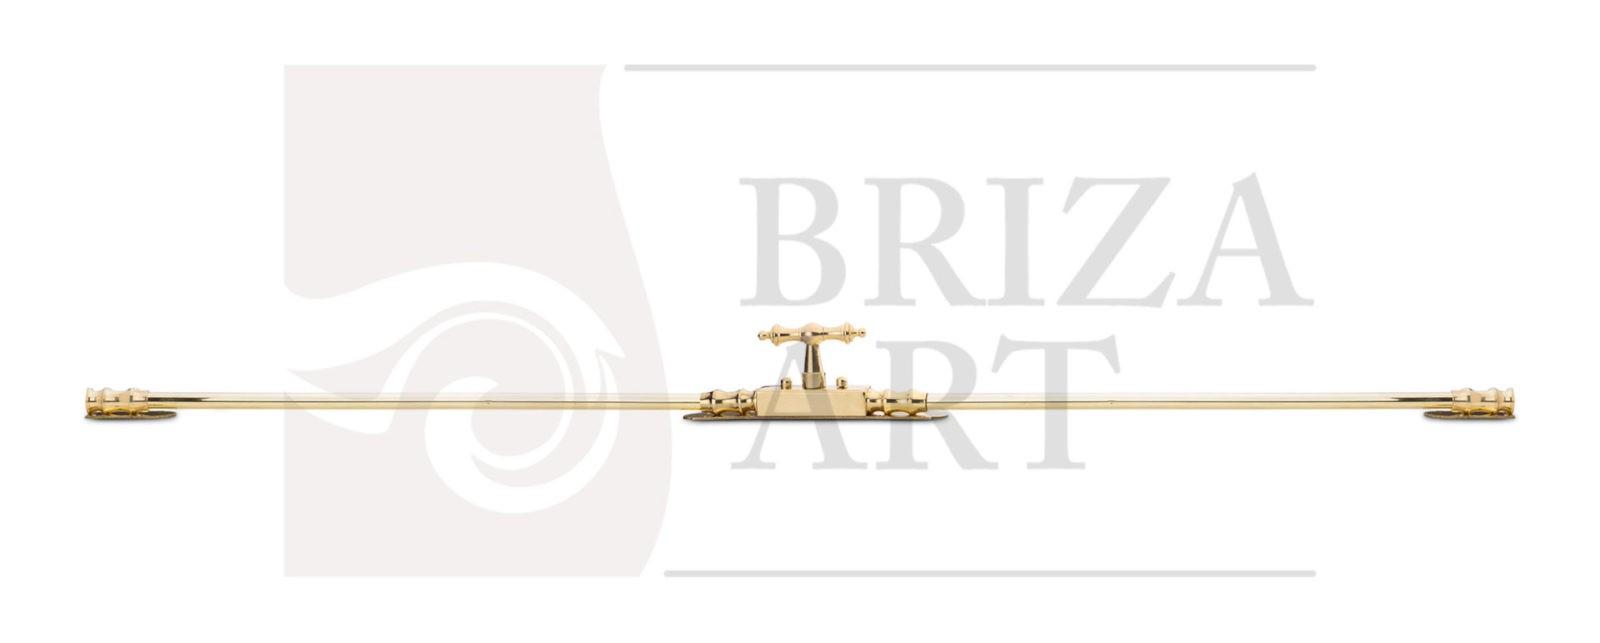 Шпингалет раздвижной Токарный общий вид, арт: 05-010-ПТ